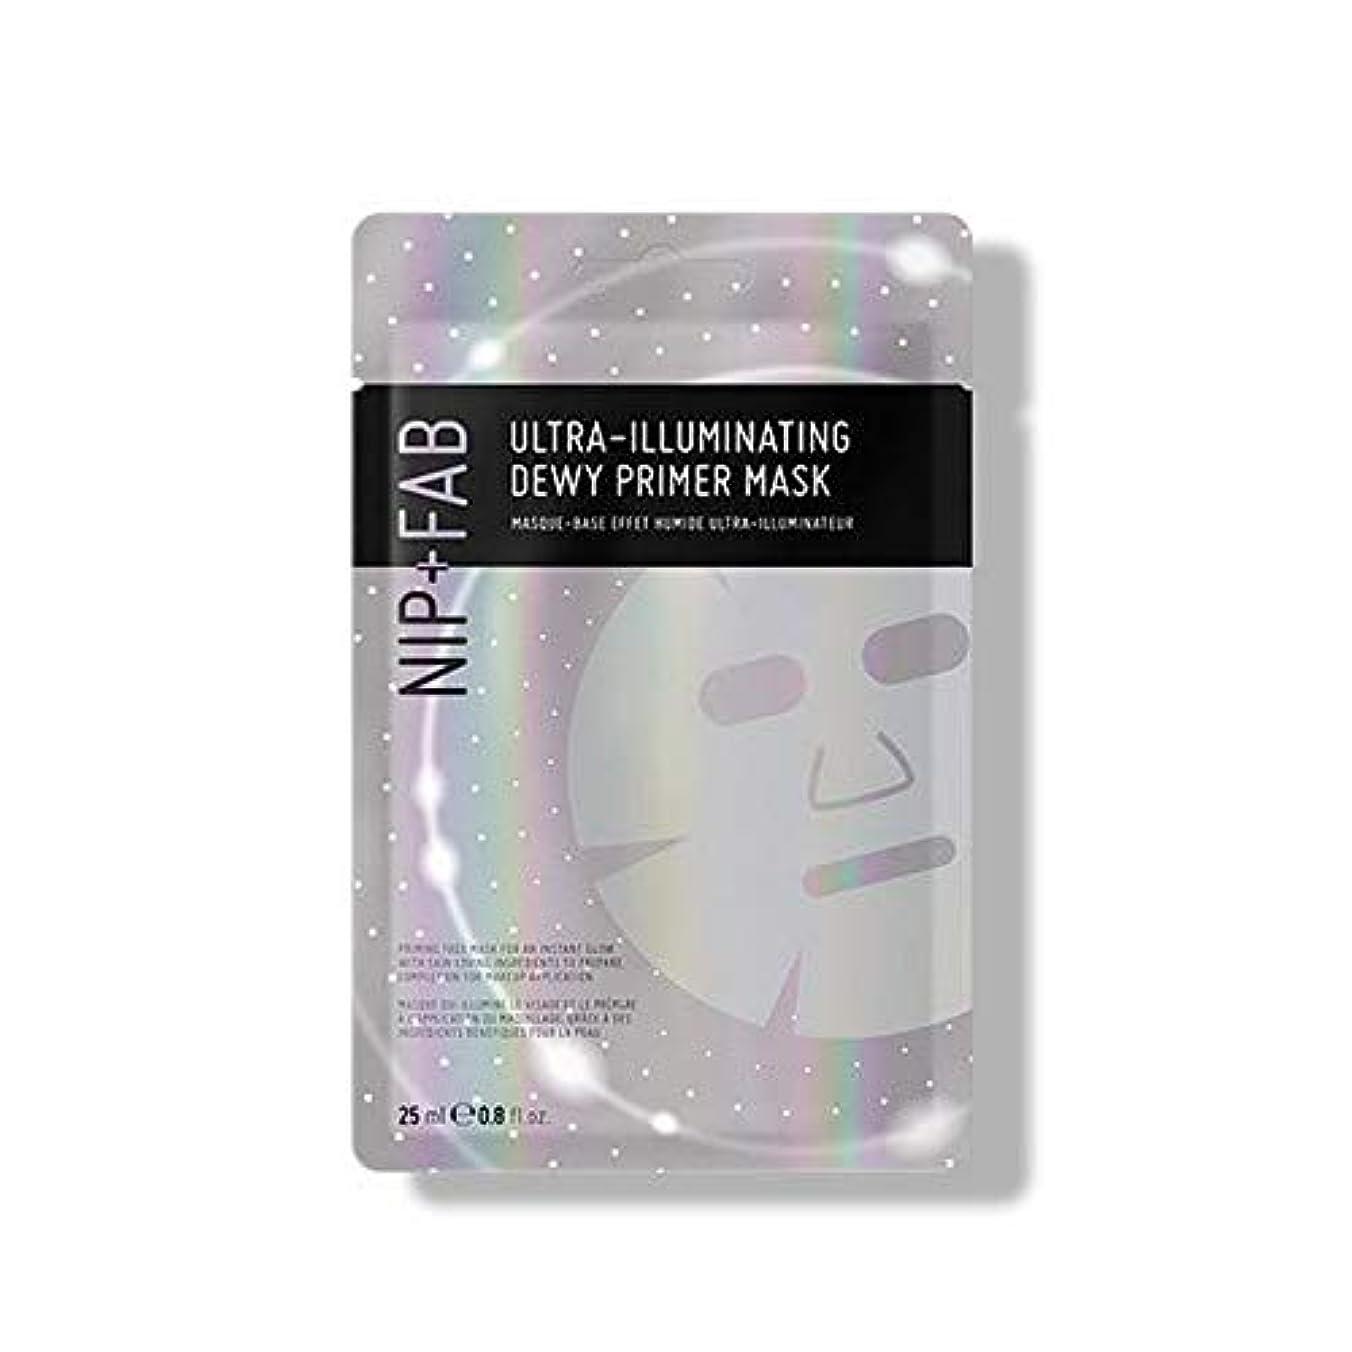 耐えられないブラジャーダイアクリティカル[Nip & Fab] 超照明結露プライマーマスク25ミリリットルを作るFab +ニップ - NIP+FAB Make Up Ultra-Illuminating Dewy Primer Mask 25ml [並行輸入品]